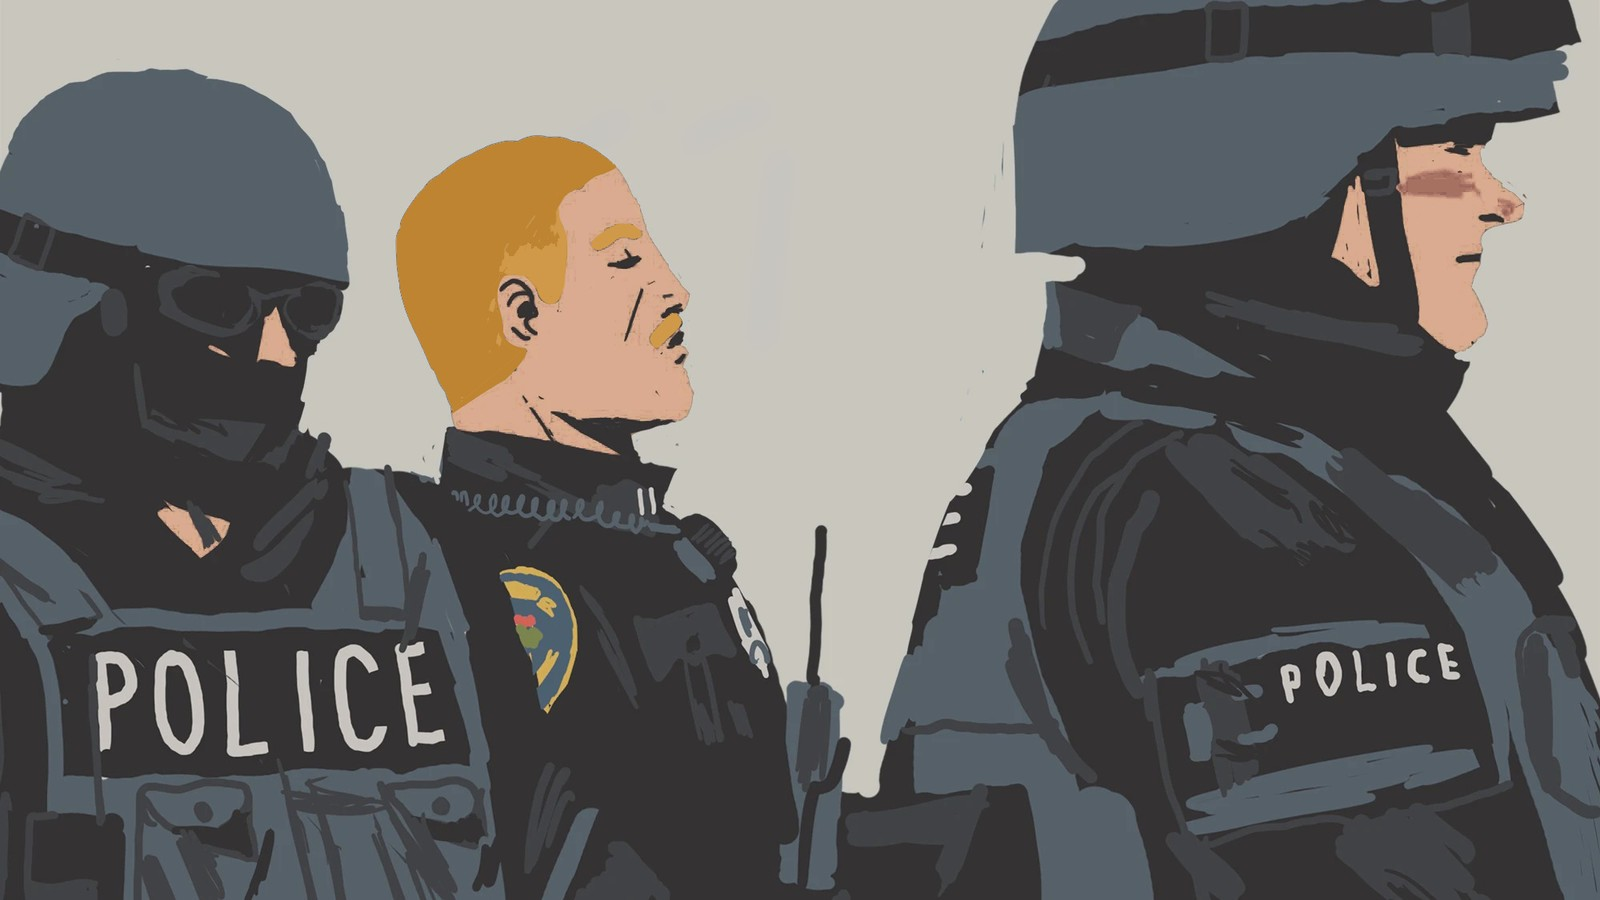 En Belgique aussi les minorités subissent les violences policières